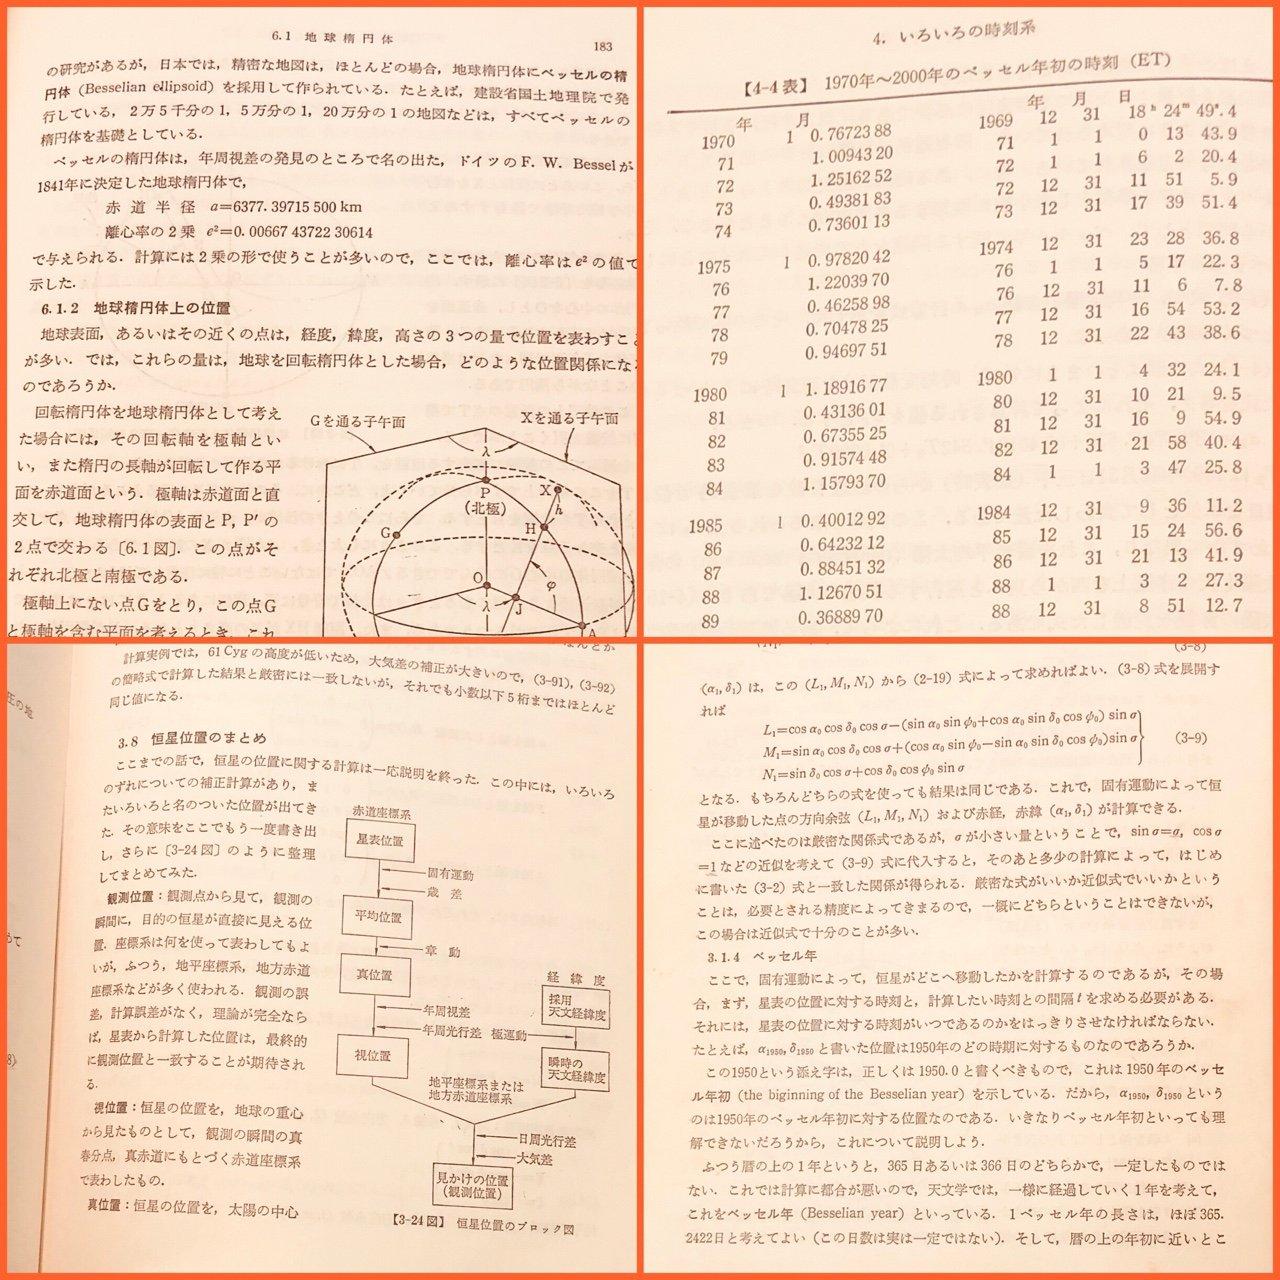 ベッセル楕円体、ベッセル年初。  天体の位置計算 (1981年) | 長沢 工 https://t.co/f3TpoxEuxx https://t.co/rDvscswzIu